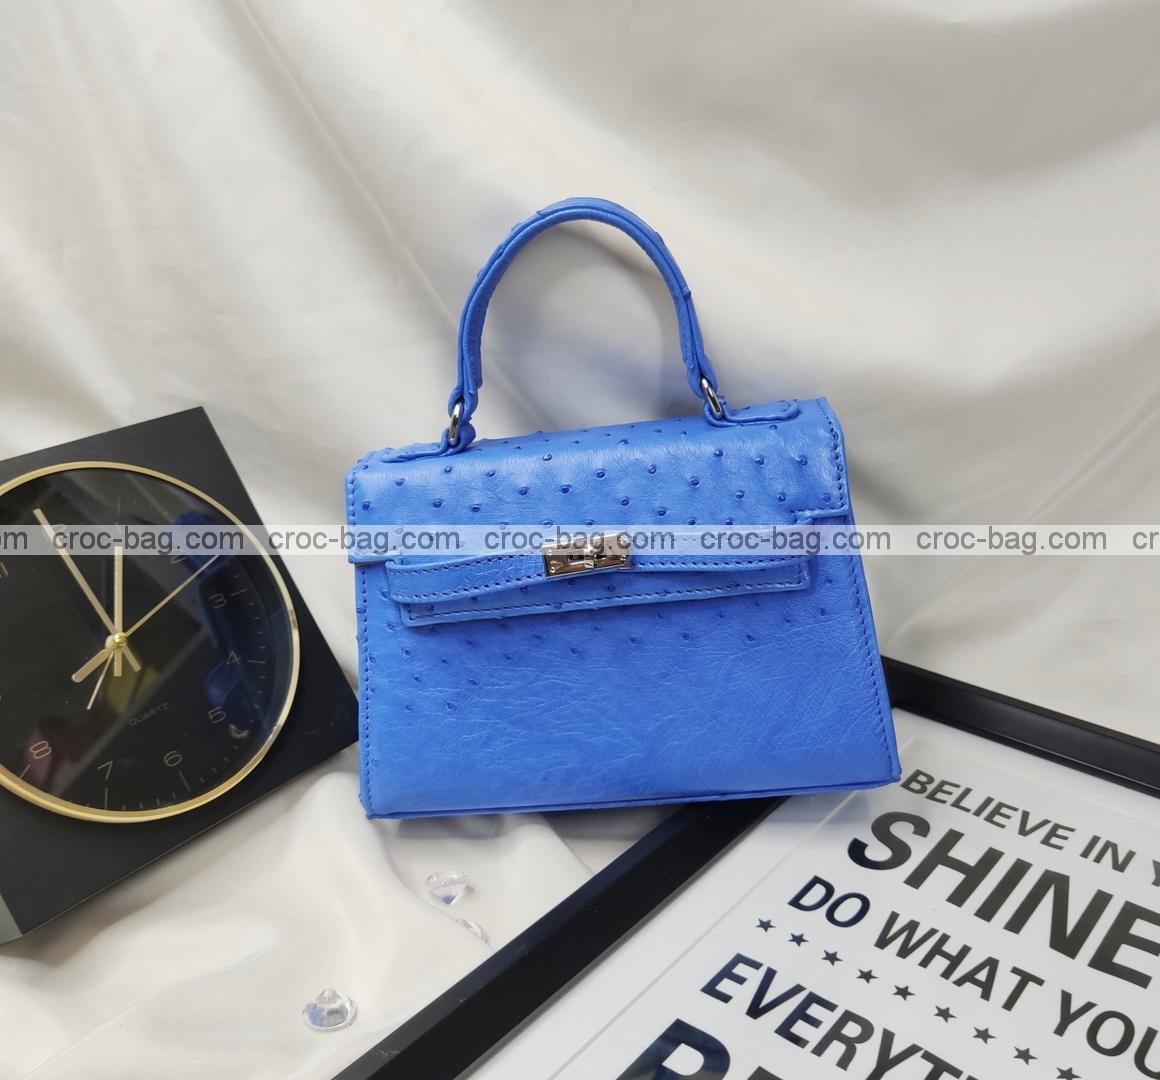 กระเป๋าหนังนกกระจอกเทศหรับผู้หญิง 5433